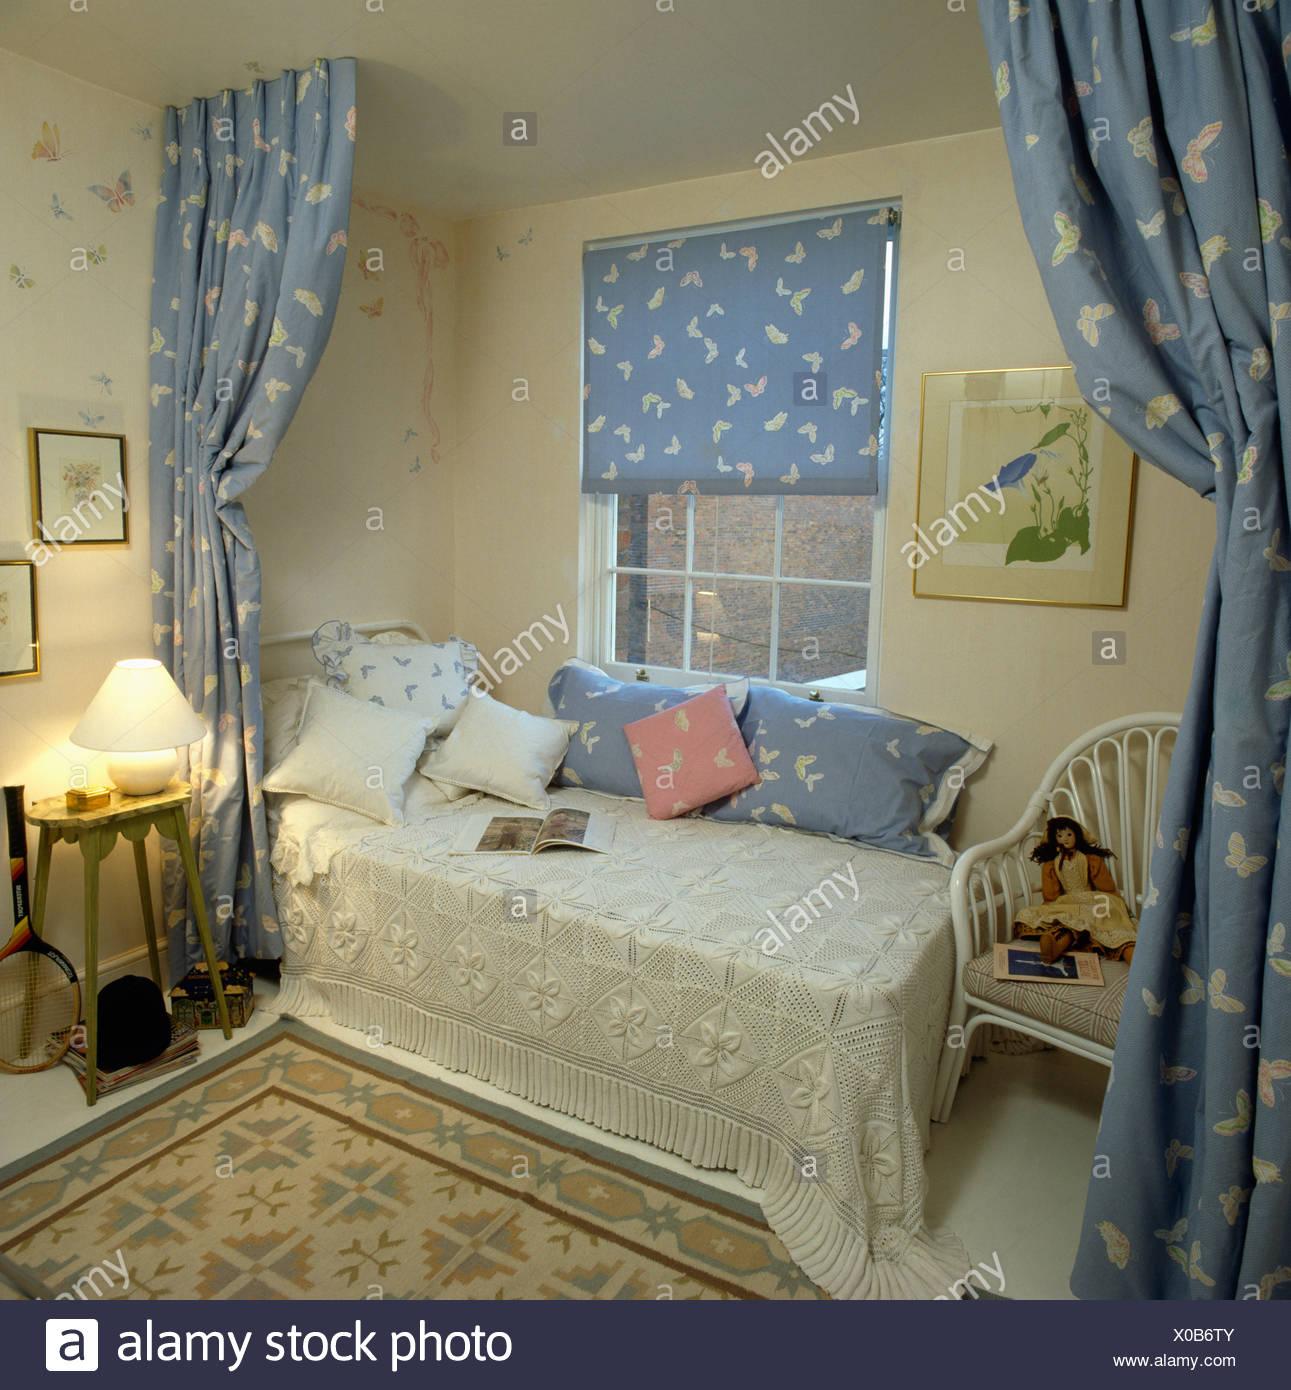 Elegant Creme Häkeln Decke Auf Bett Unter Fenster Mit Gemusterten Blau Blind Und  Passende Vorhänge In Teenager Mädchen Schlafzimmer